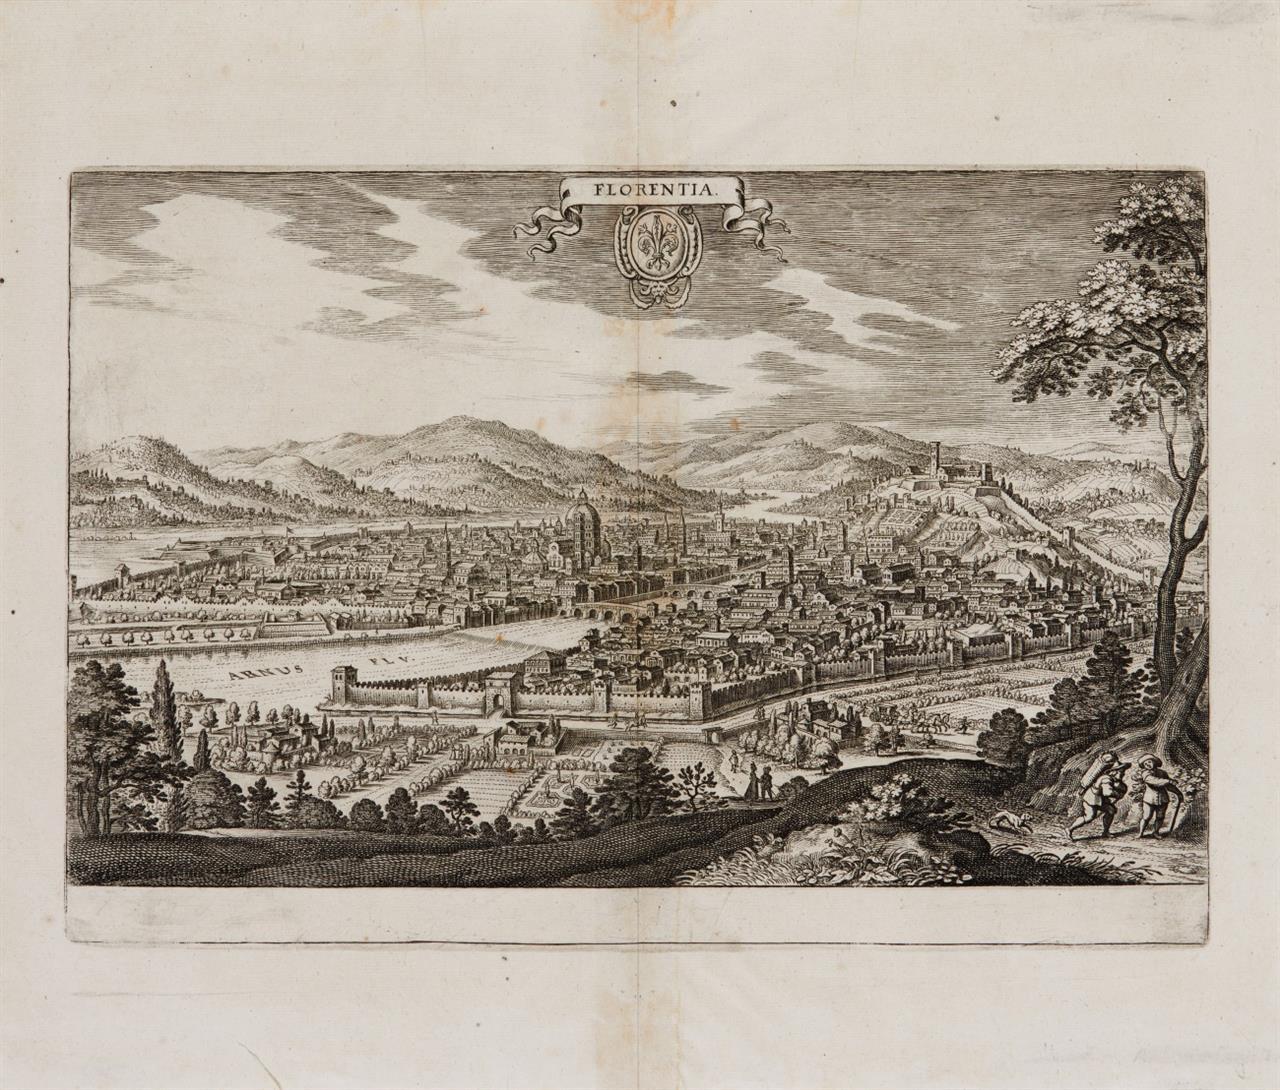 Florenz. Florentia. Gesamtansicht. Radierung aus Merian.